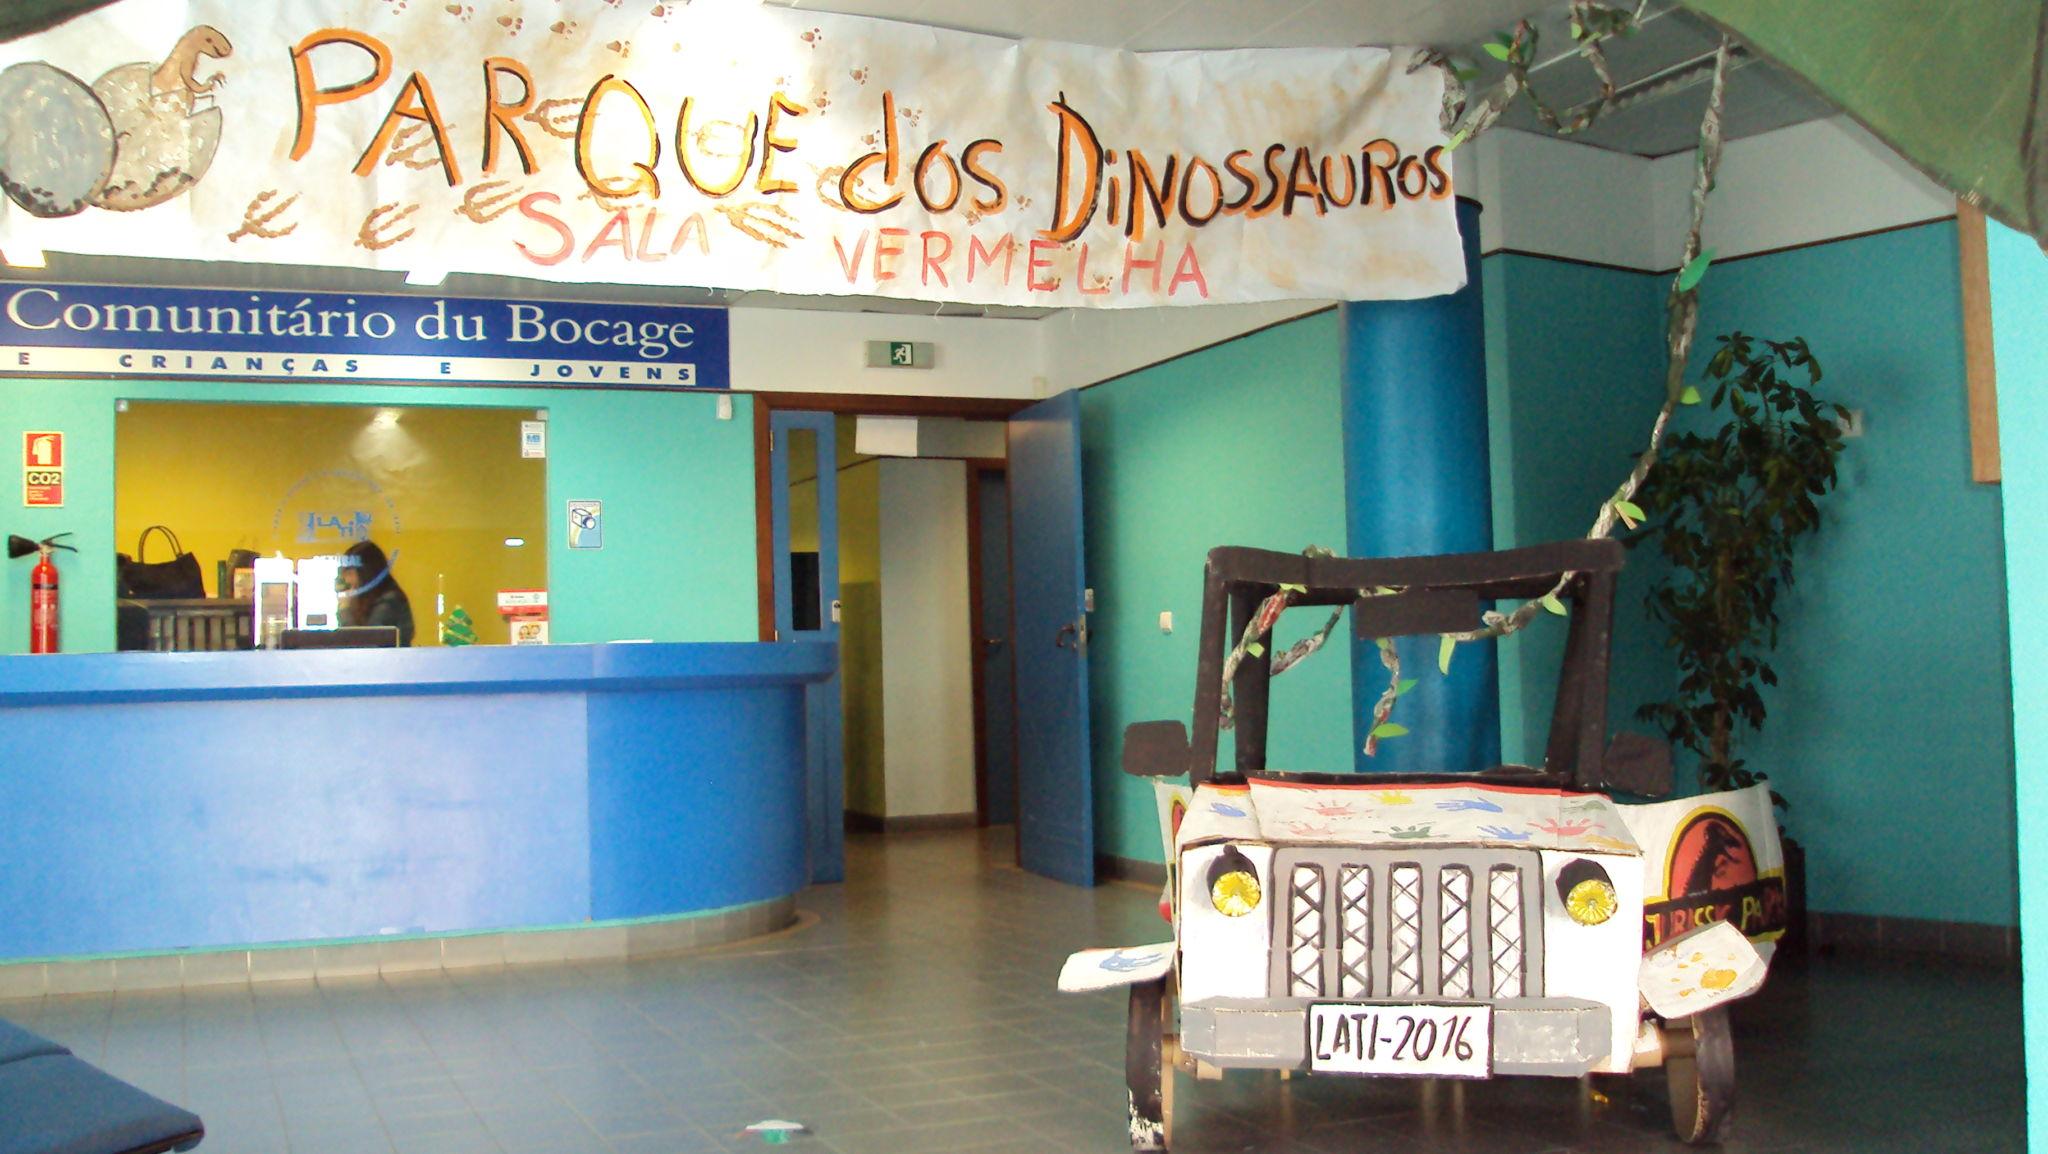 Dinossauros invadem a Área de Crianças da LATI